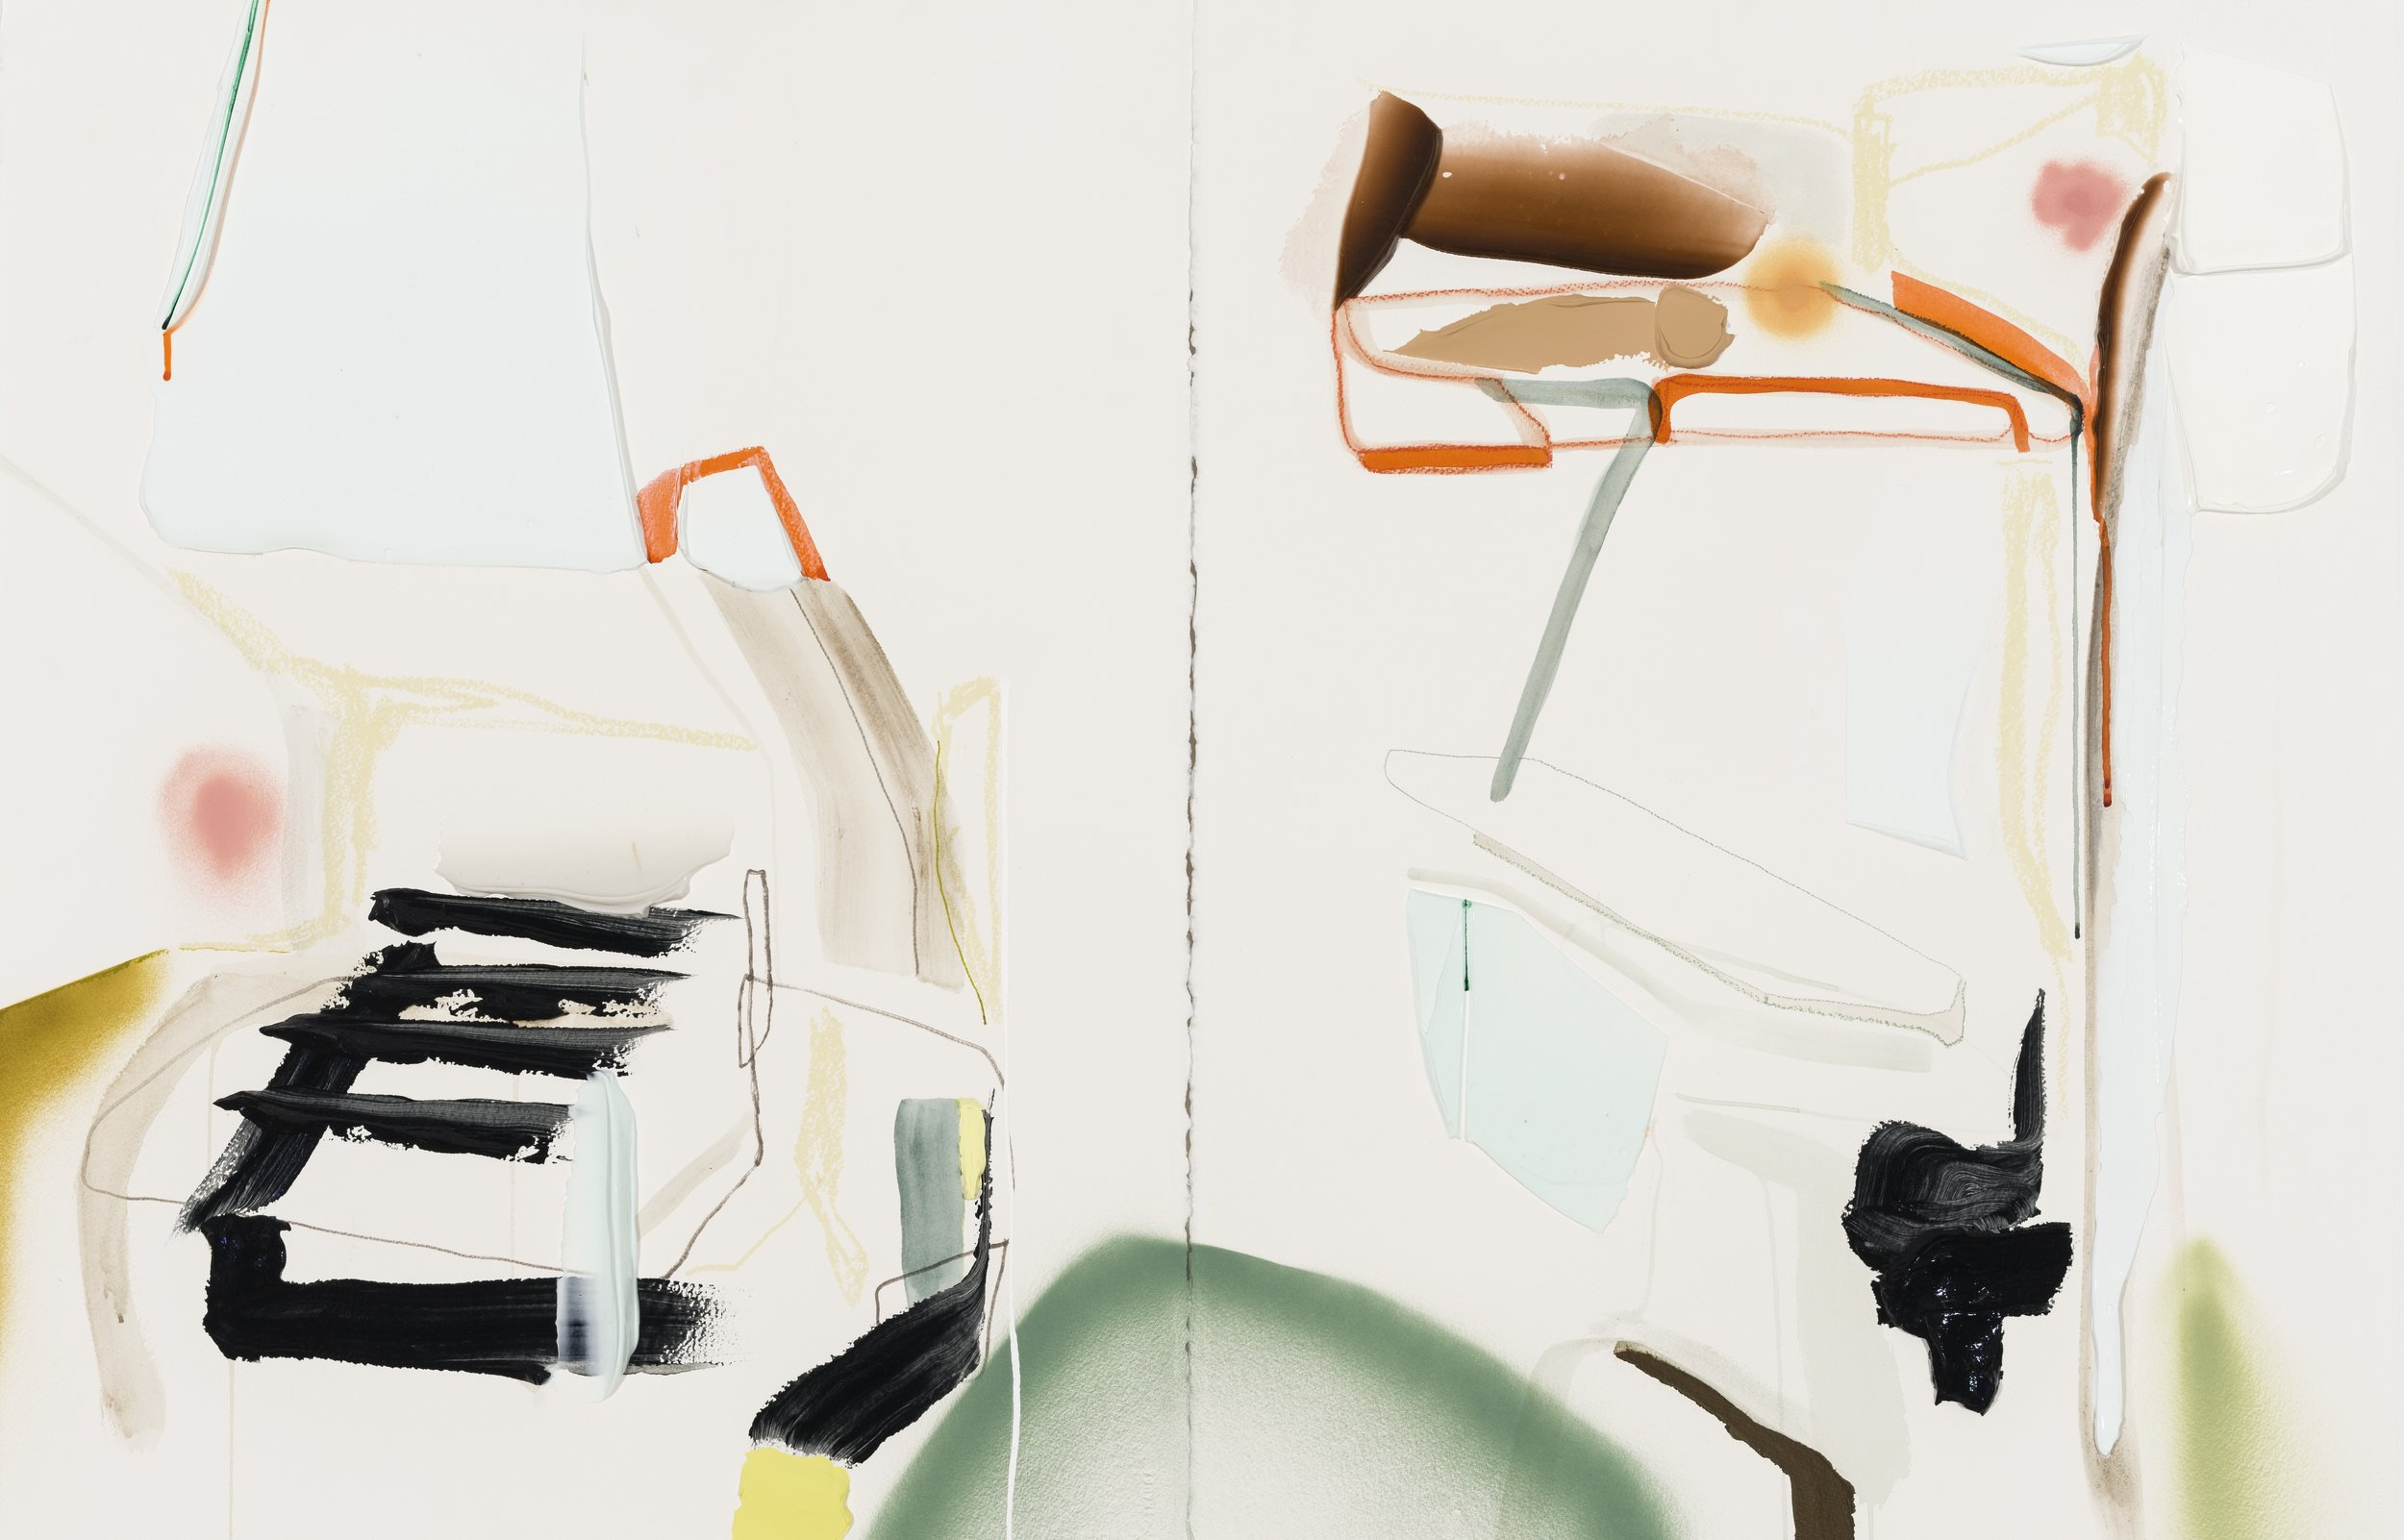 Diptyque: Shed, acrylique, crayons et aérosol sur papier, 22'' x 60'', 2018